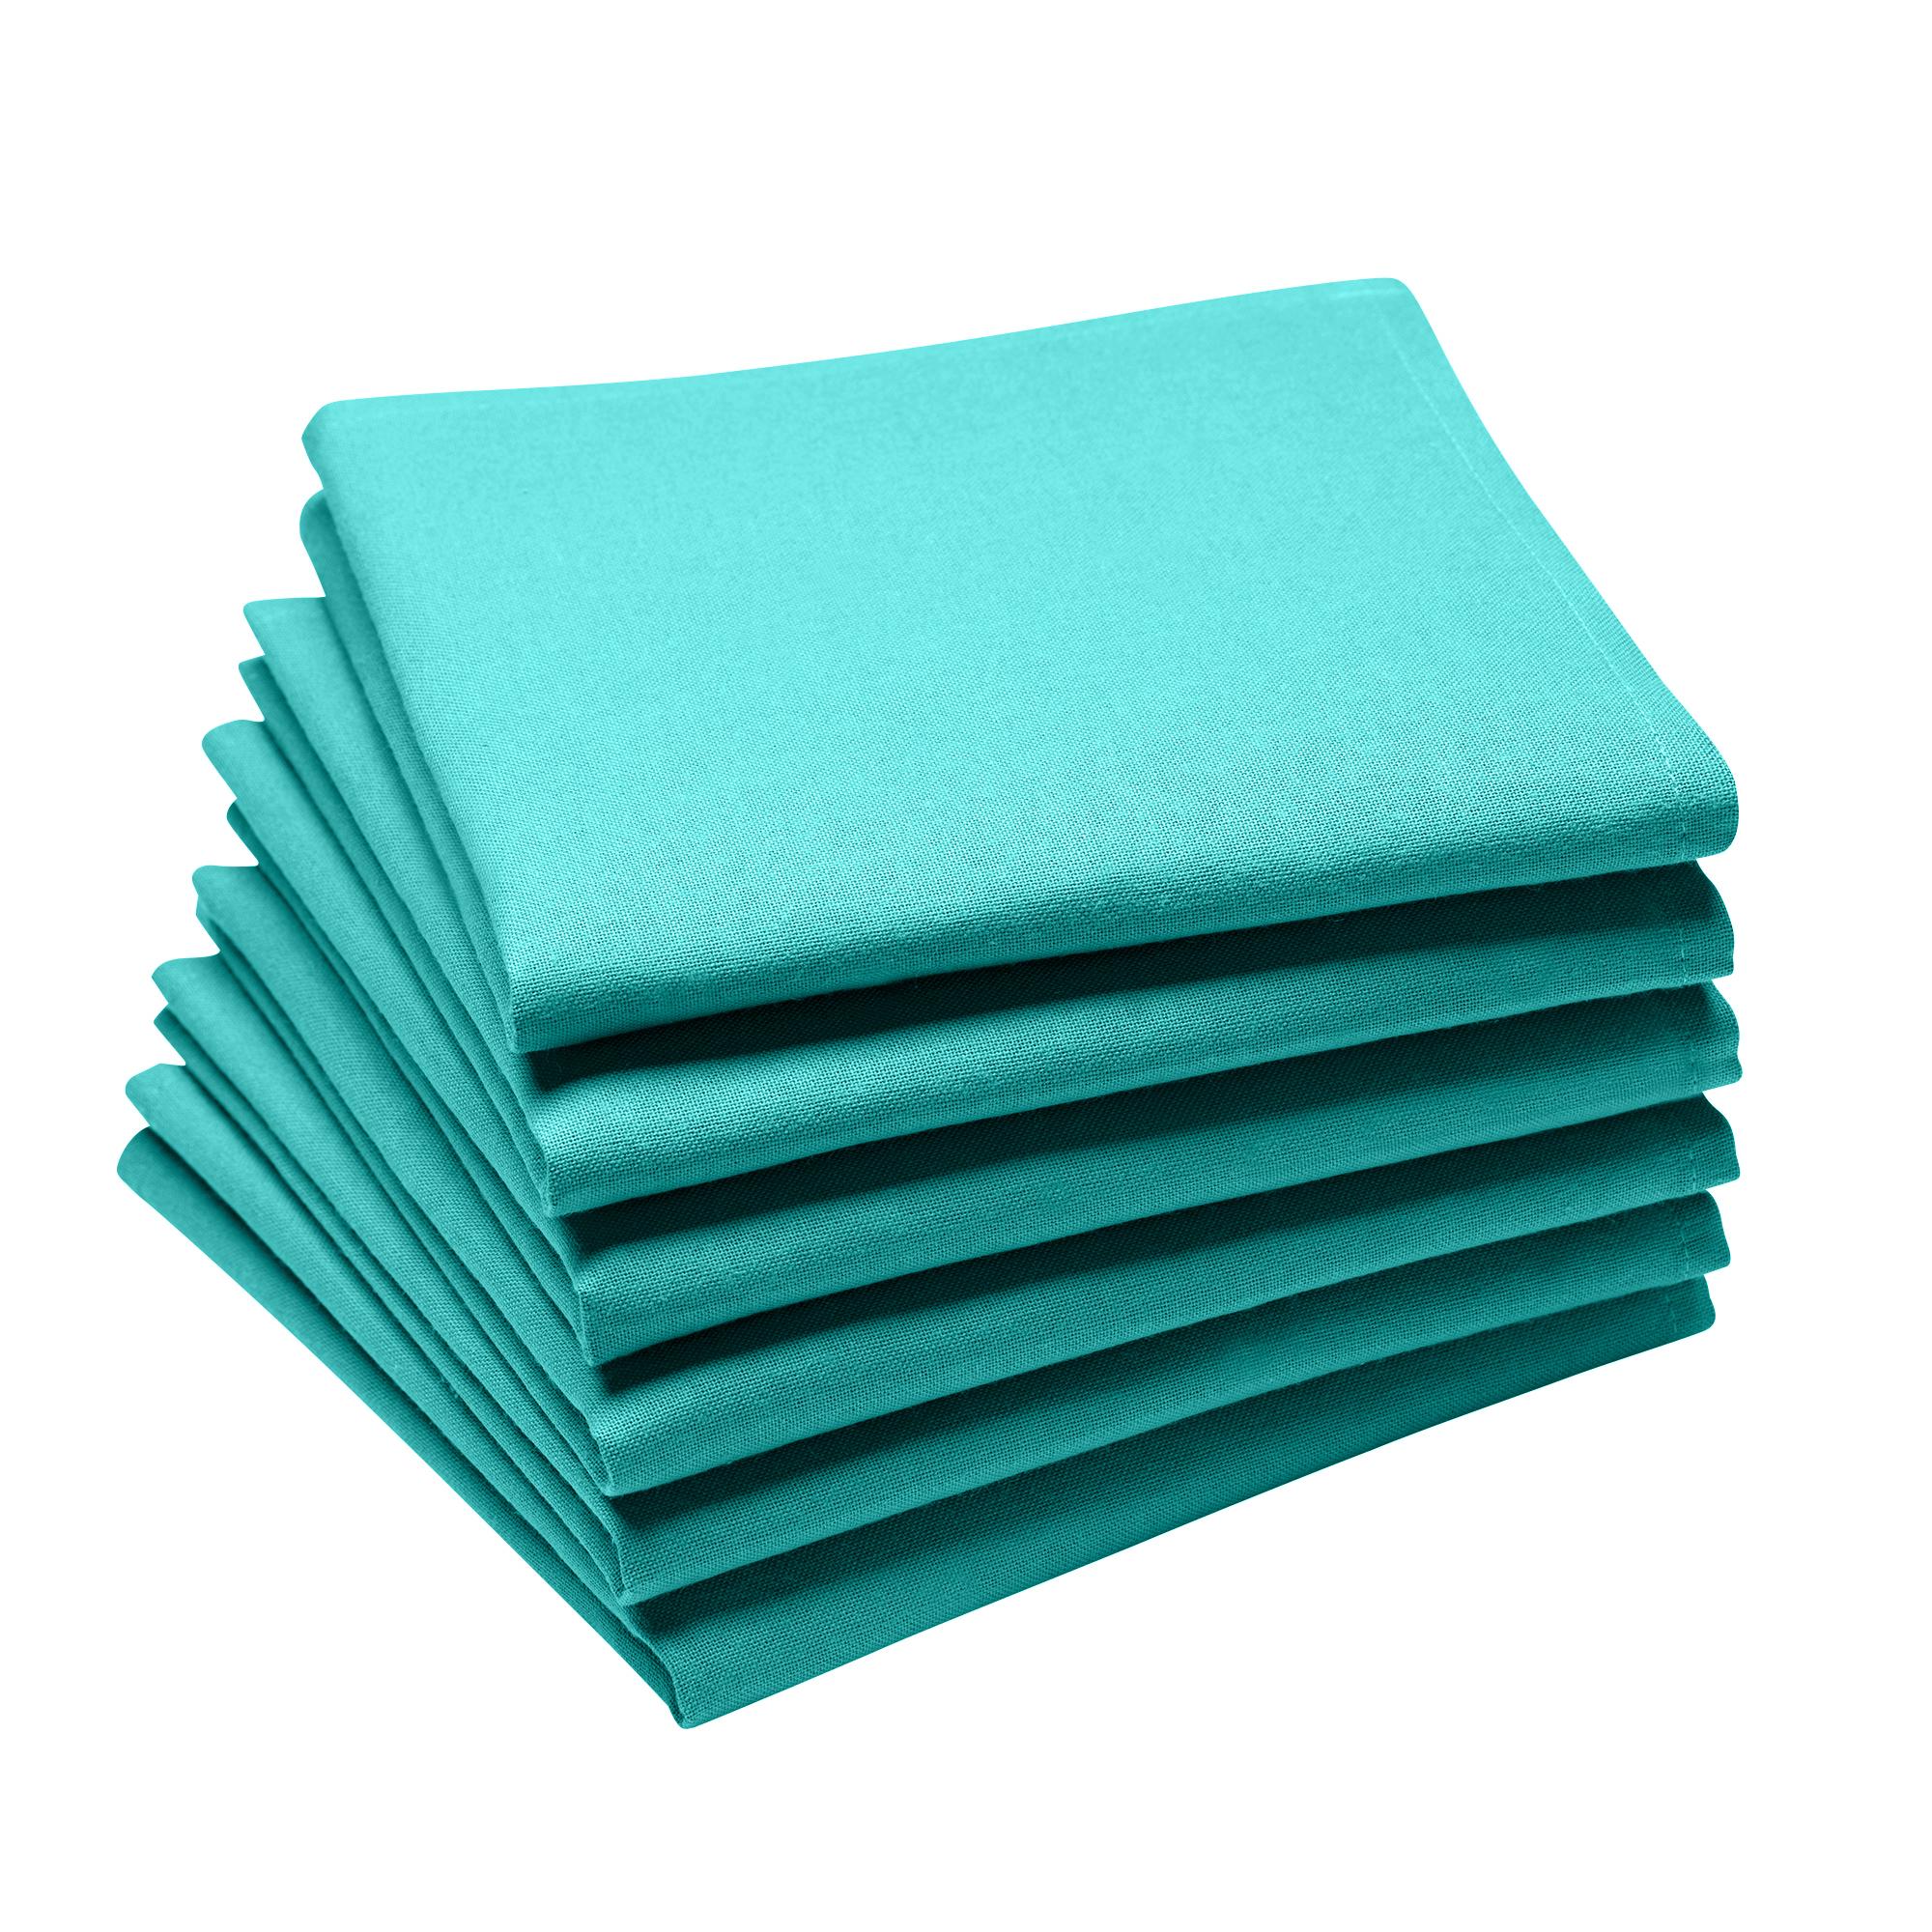 Lot de 6 serviettes en coton traite Teflon, Turquoise 45 x 45